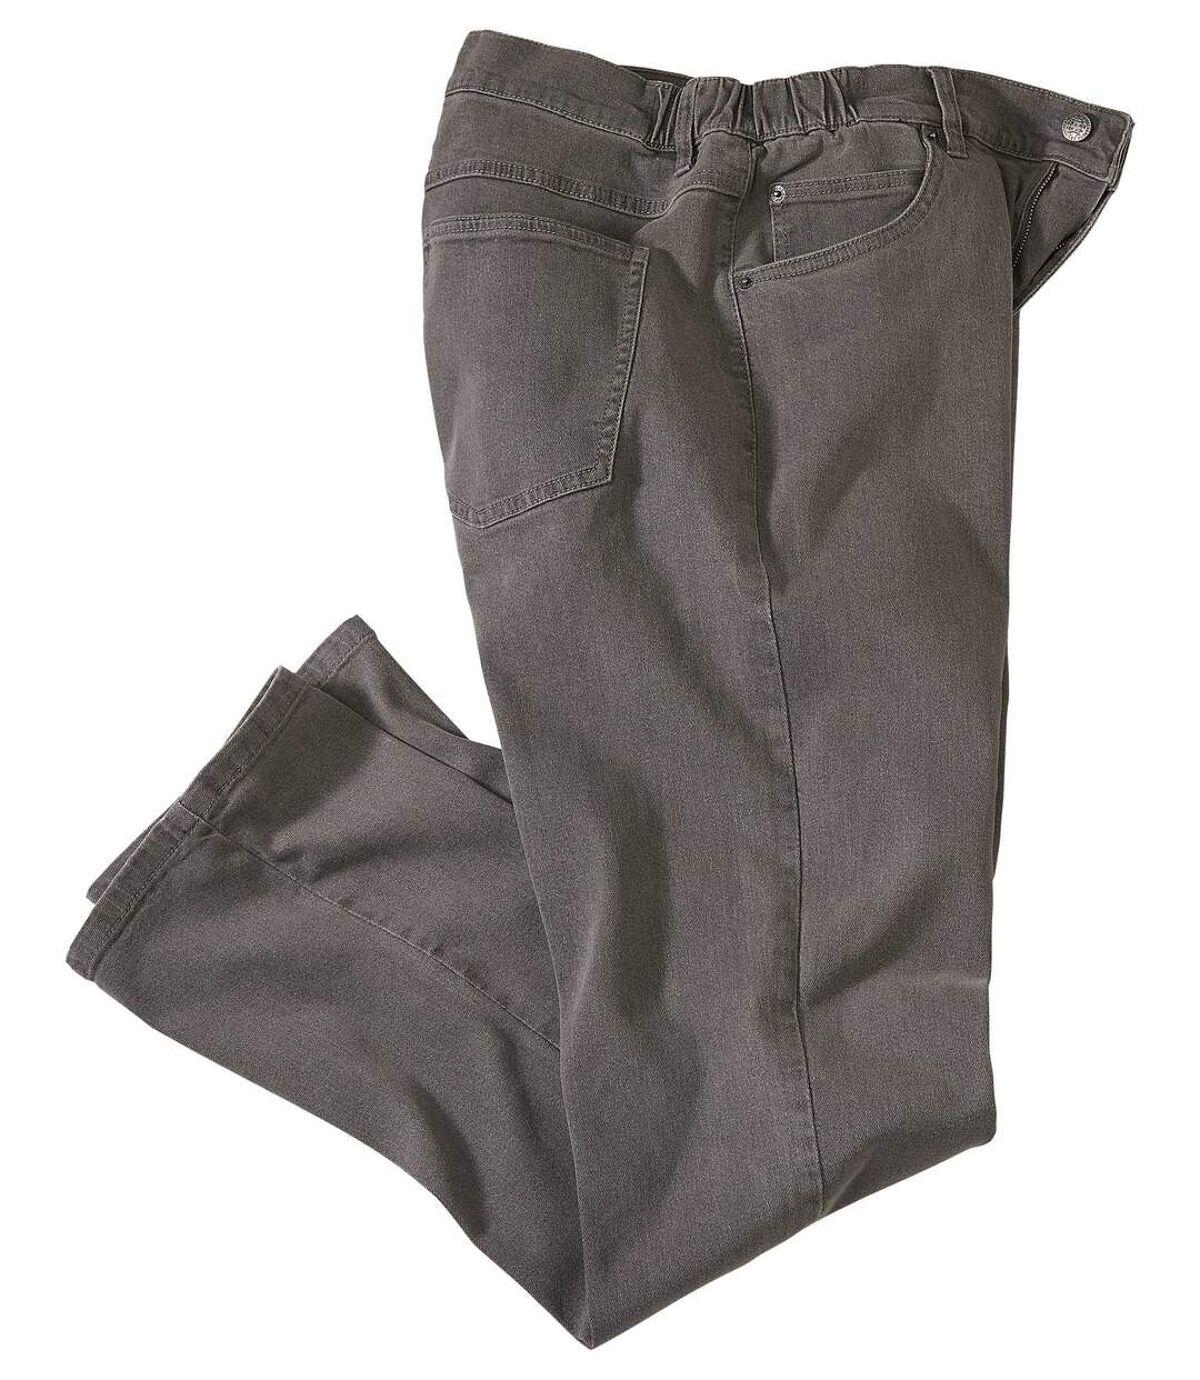 Strečové džínsy spolo-elastickým pásom Regular Atlas For Men